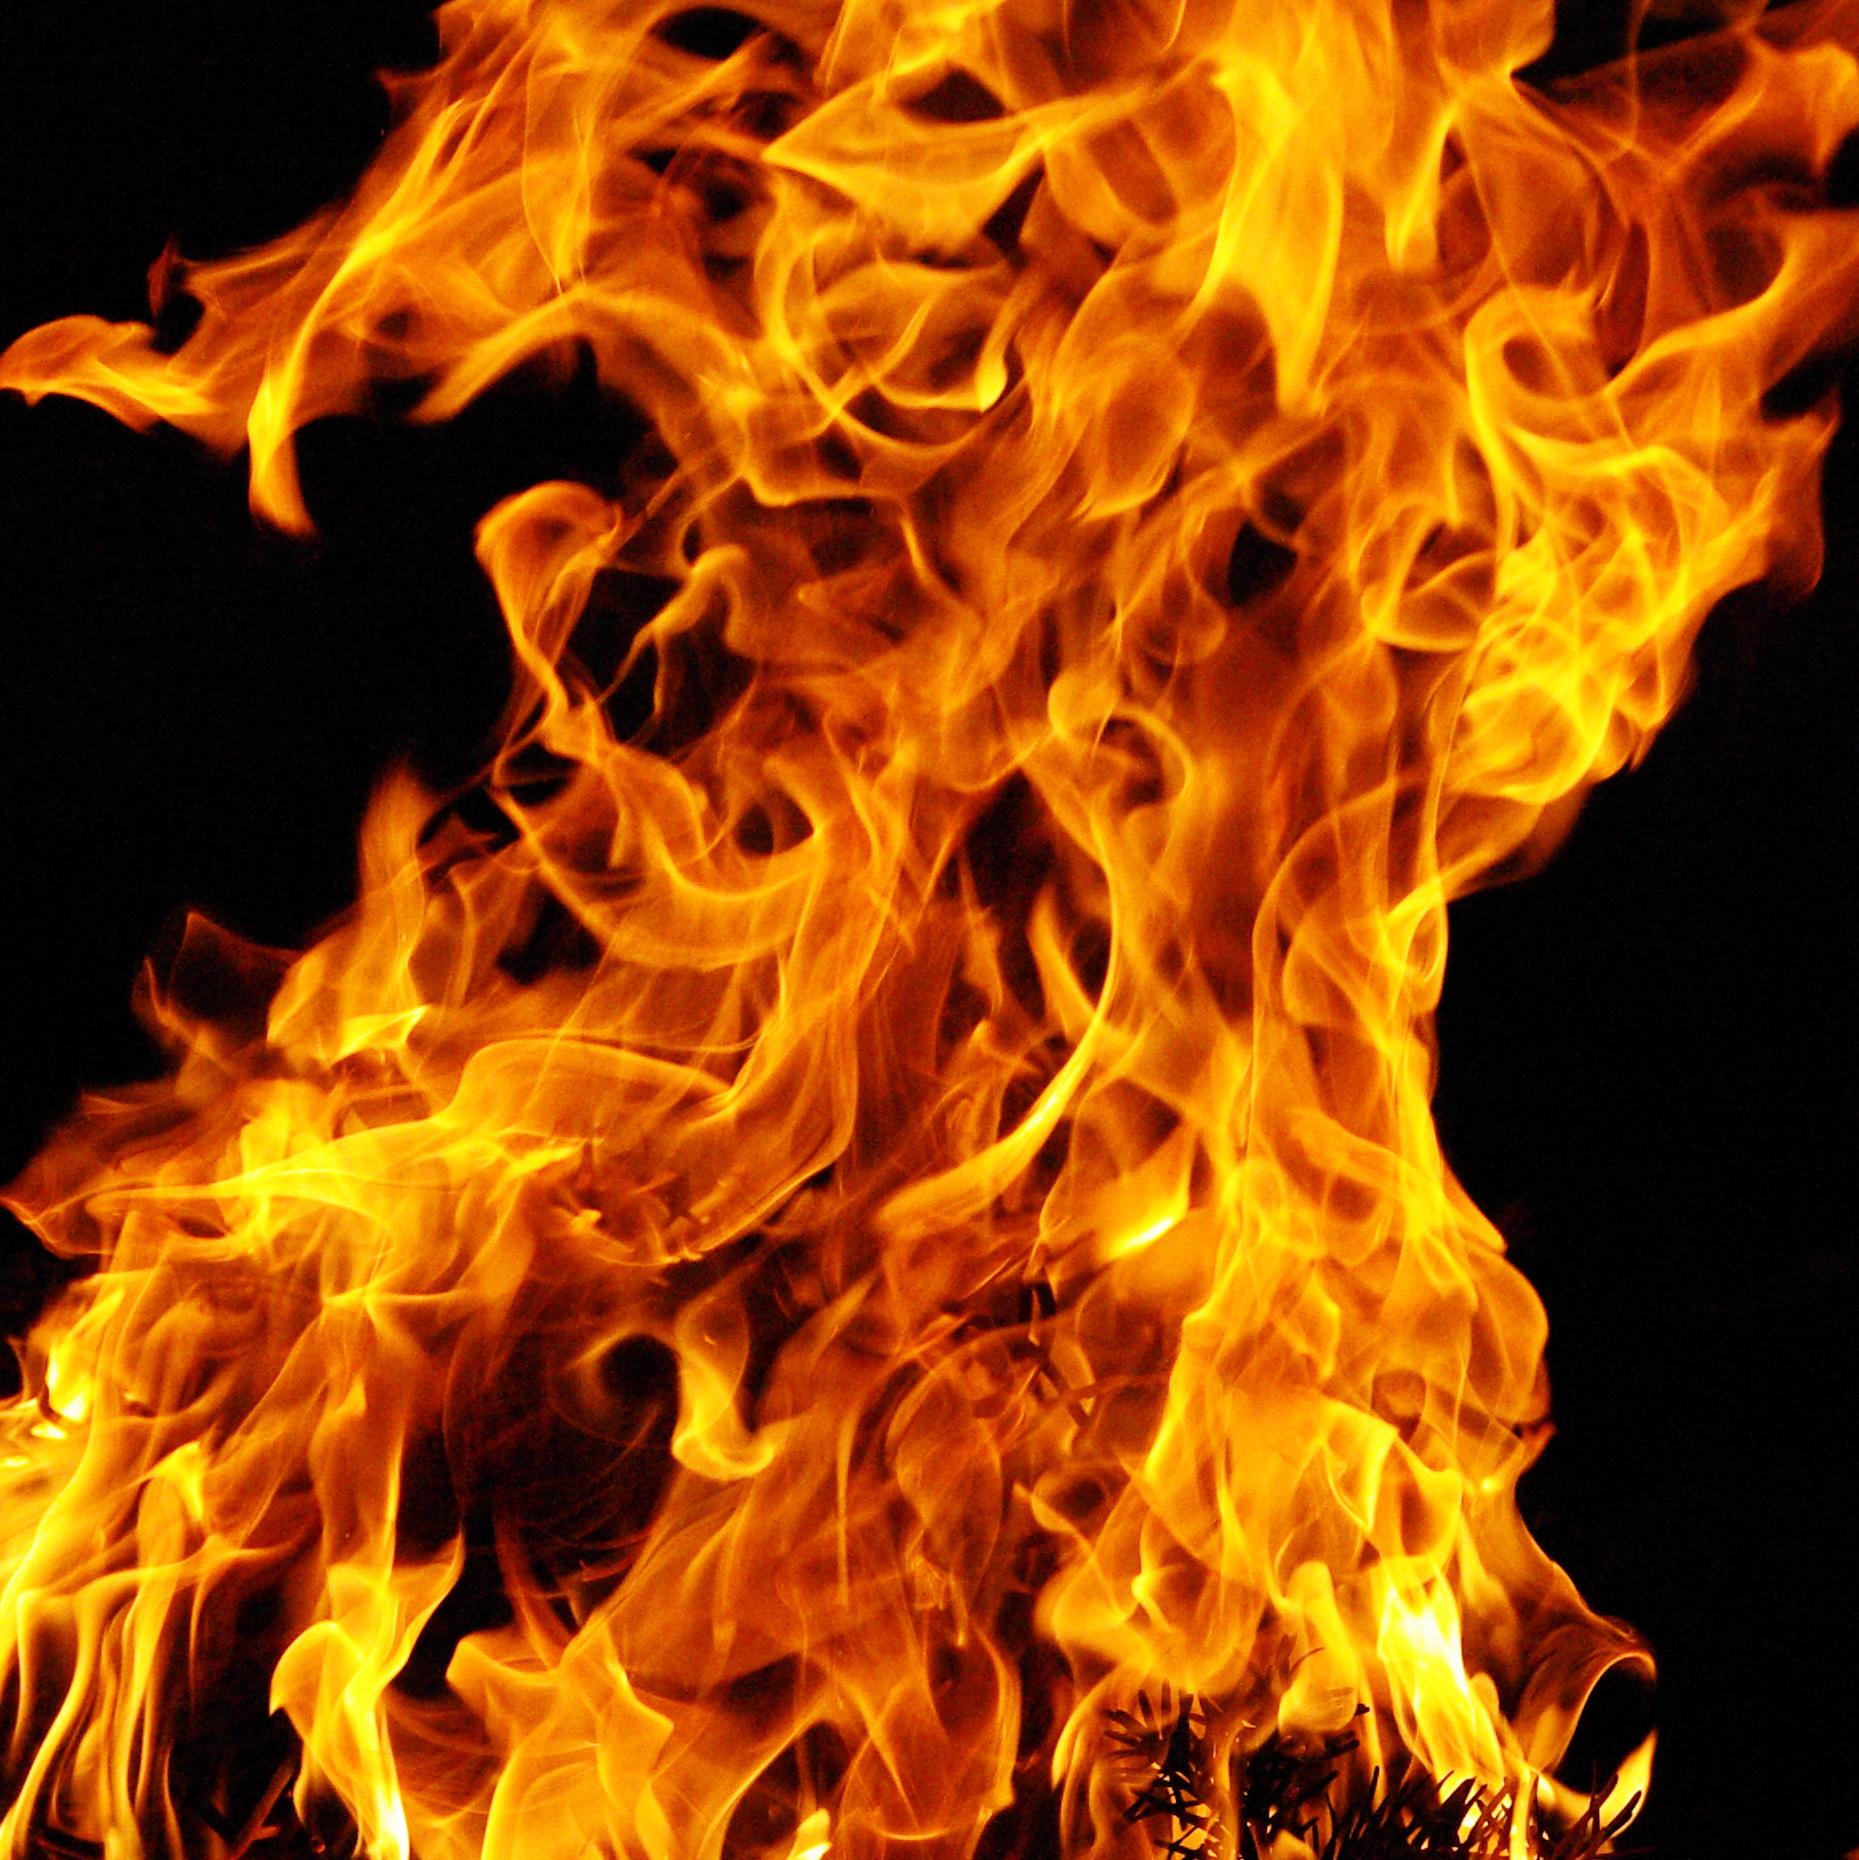 Fuego Wikipedia La Enciclopedia Libre